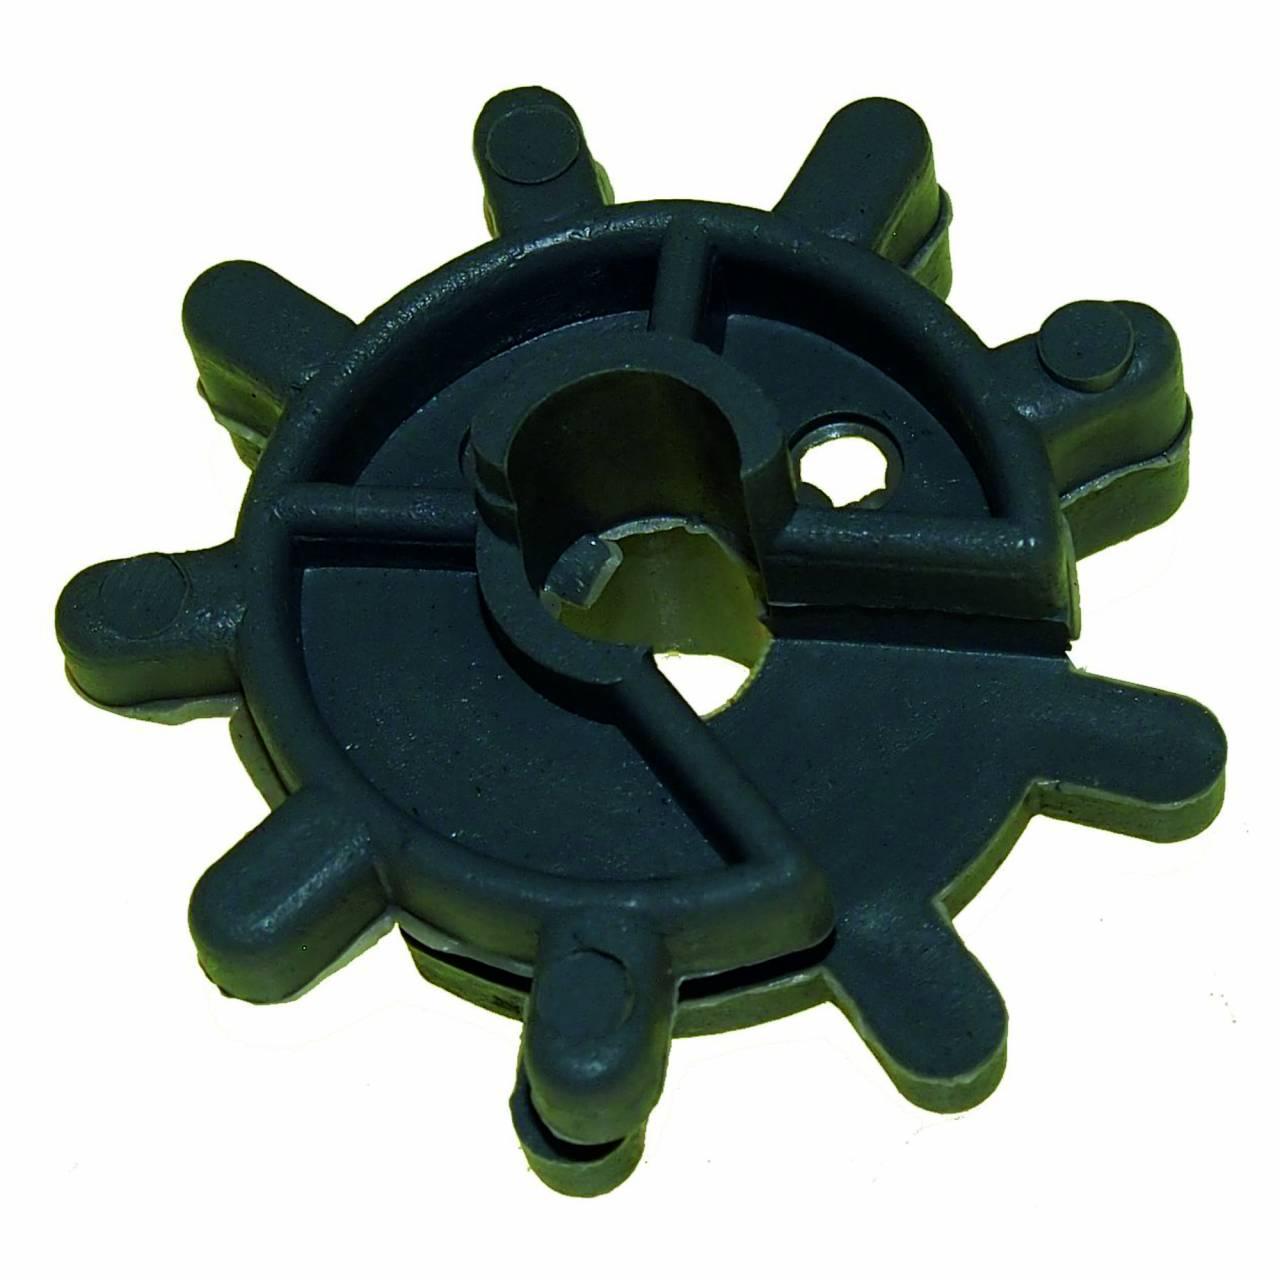 GARANT 6-15 / KB 6 mm Armierungs-Abstandhalter / Krt a 2.000 Stück